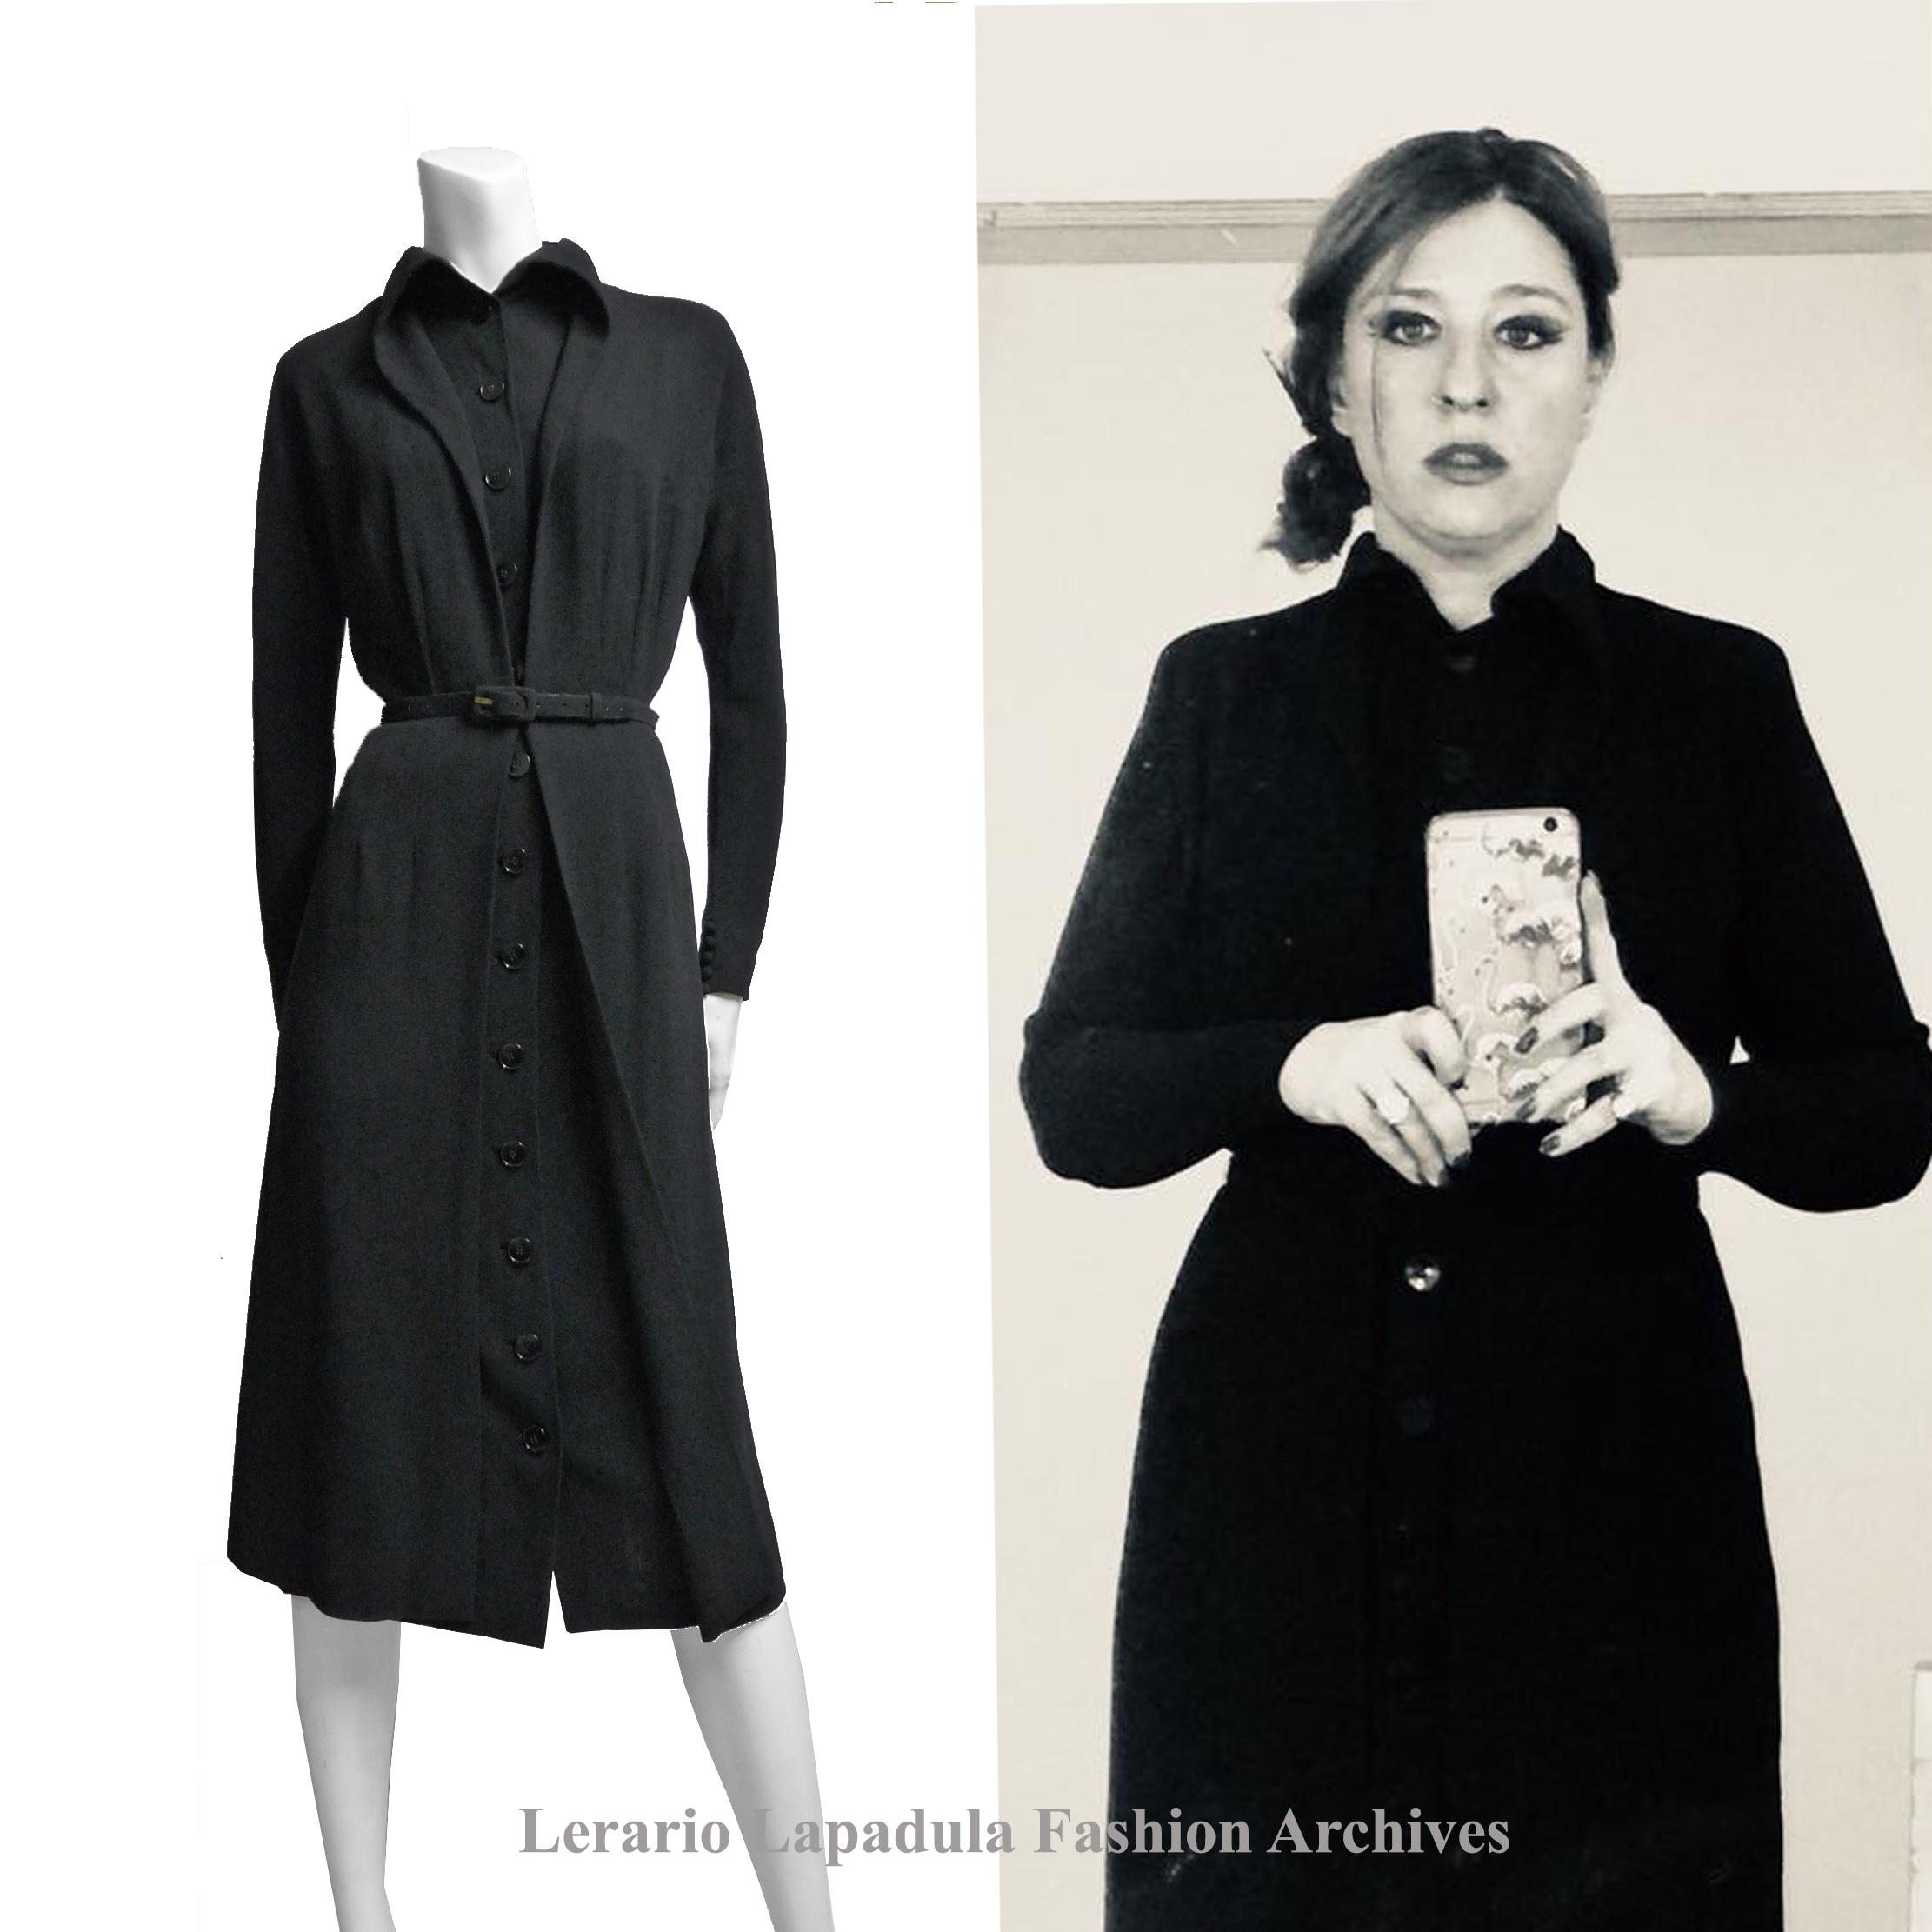 luciano lapadula licia lanera abito 1938 museo della moda lerario premio ubu 2018 2019 berlino nazi dress gown 30s stylist libro